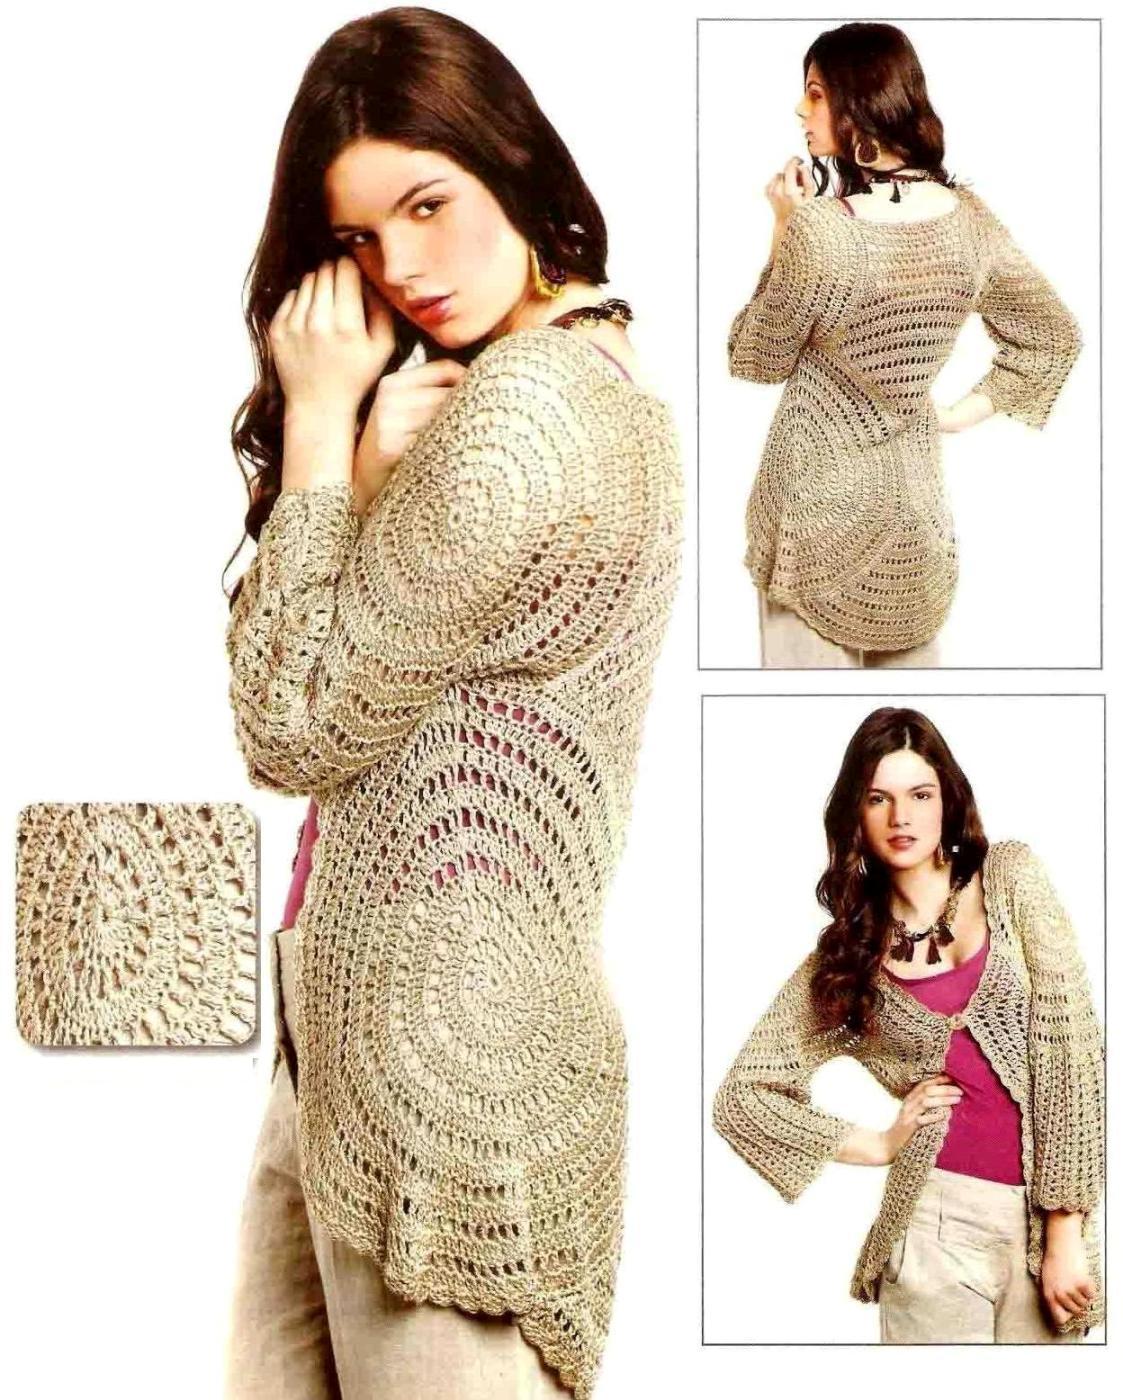 Tejiendo Crochet: Patrones Damas Crochet